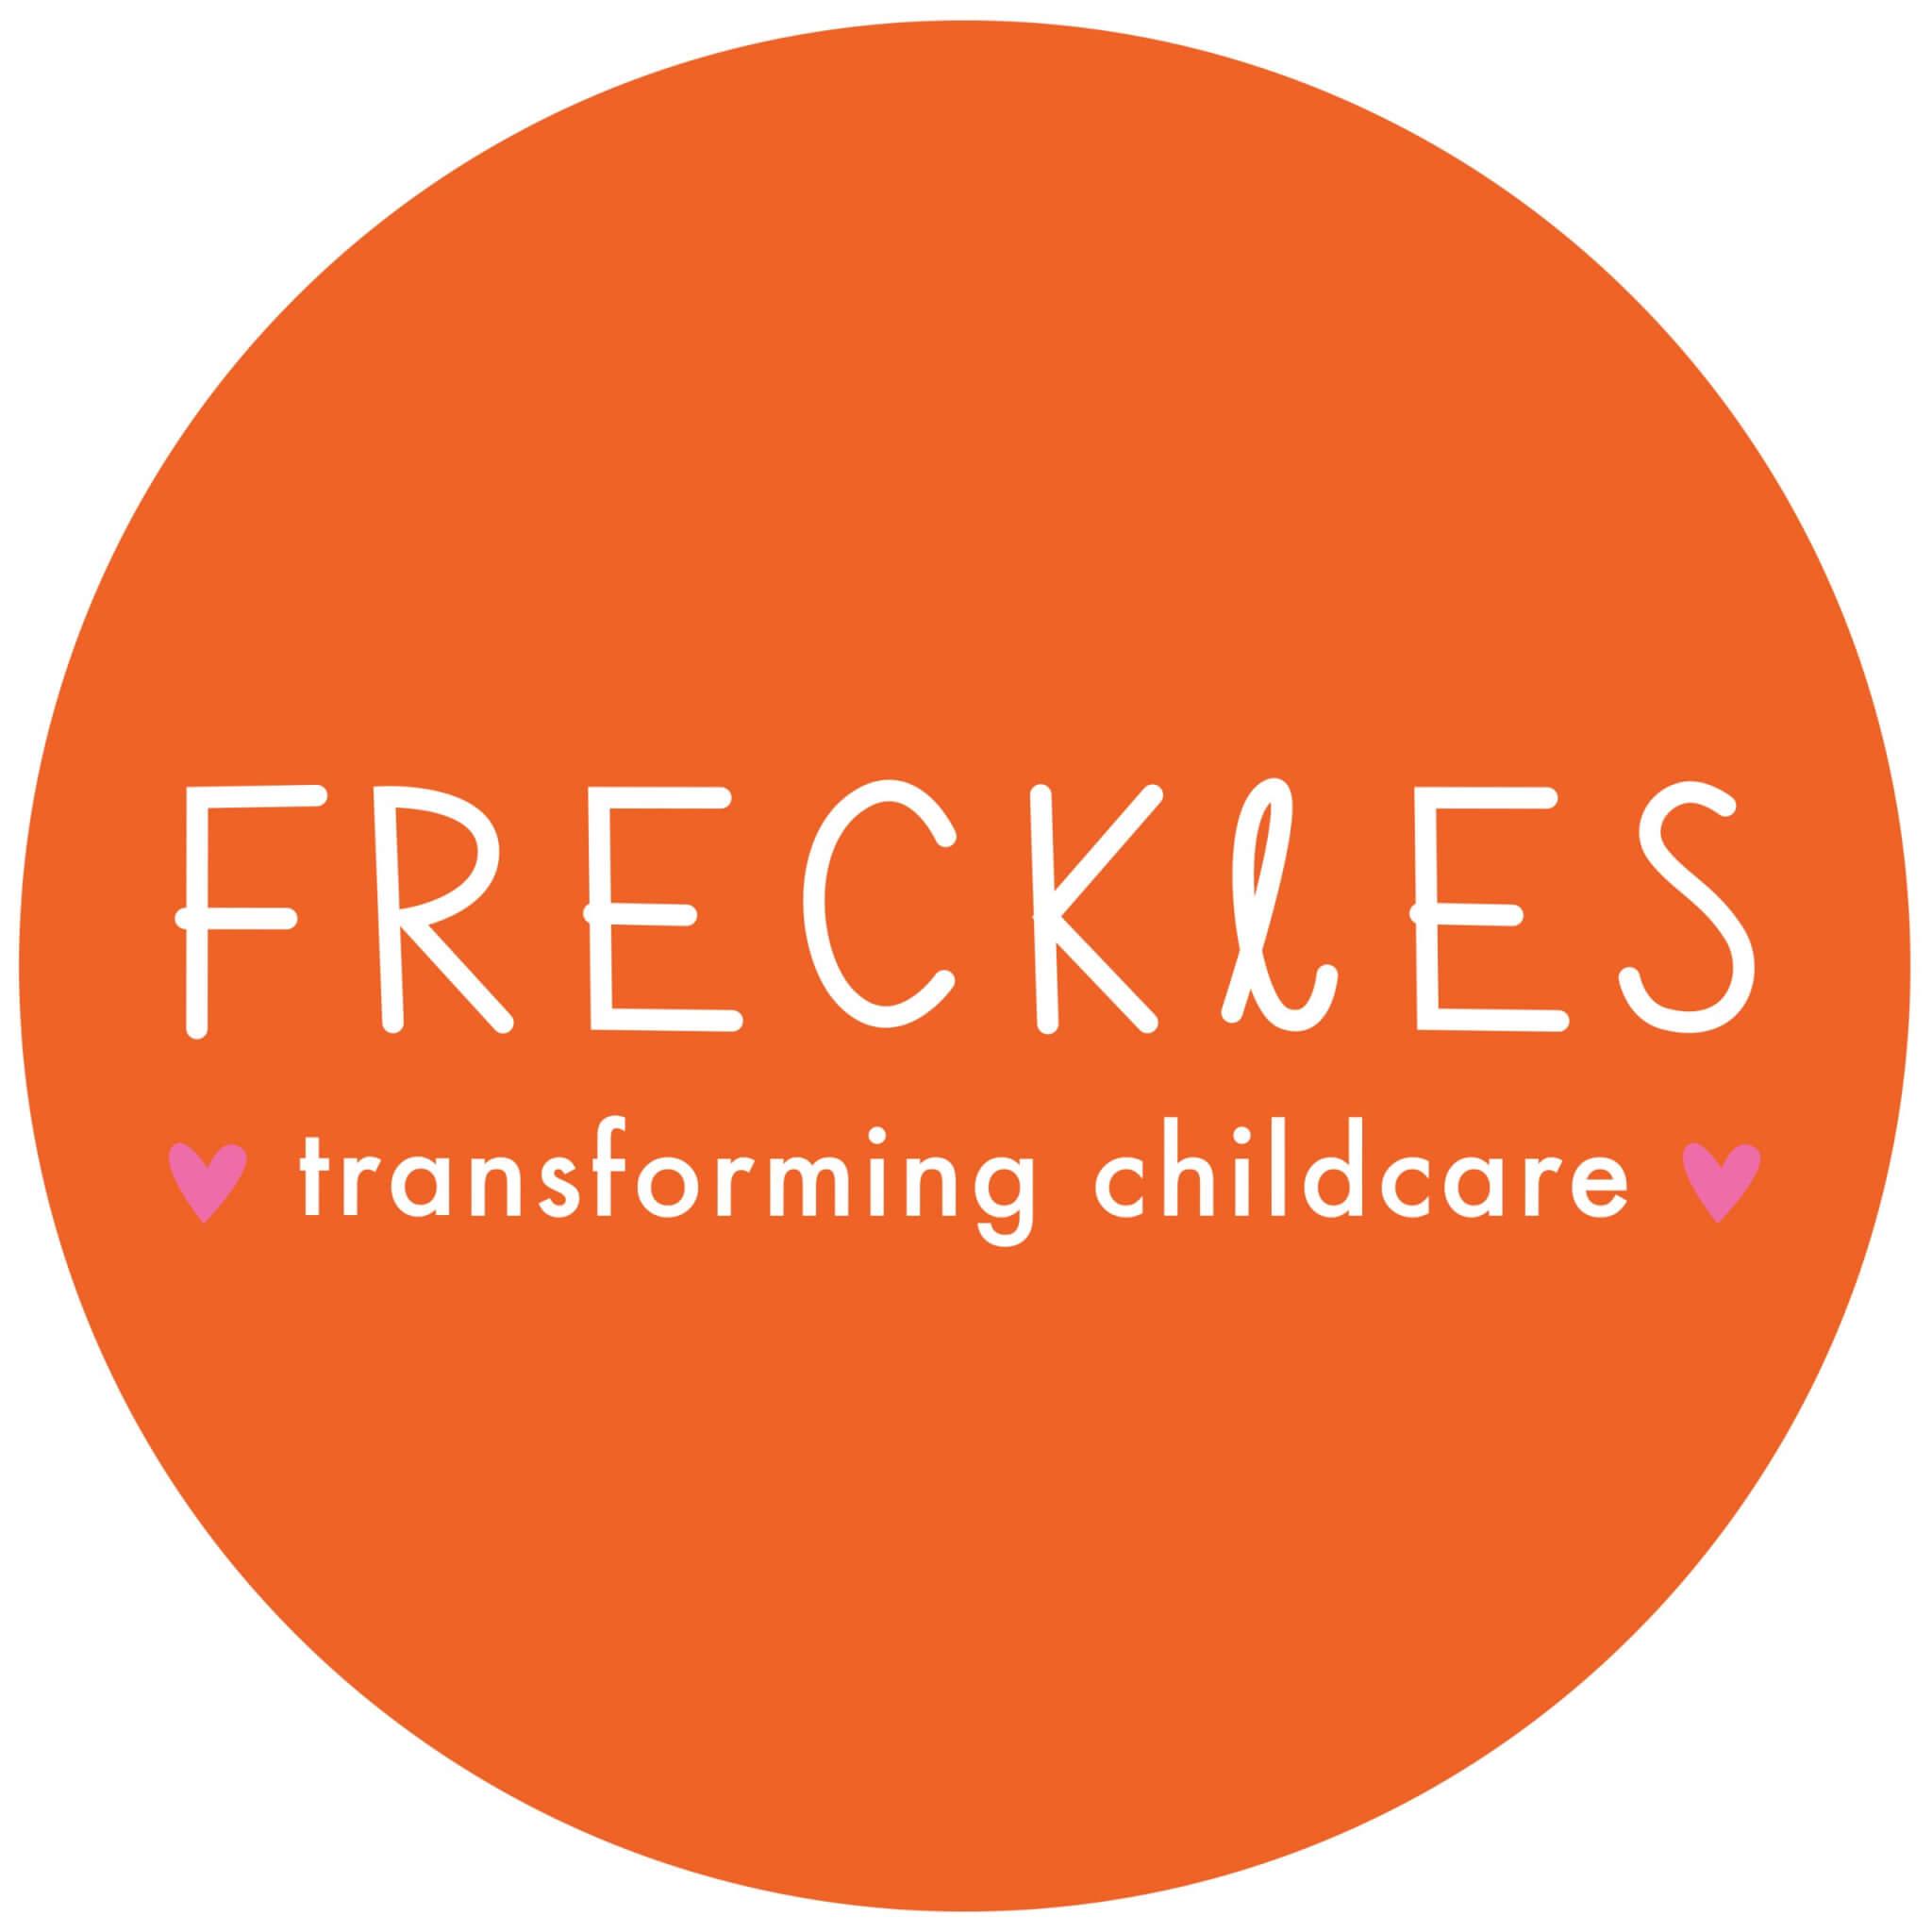 Freckles logo orange circle (4)